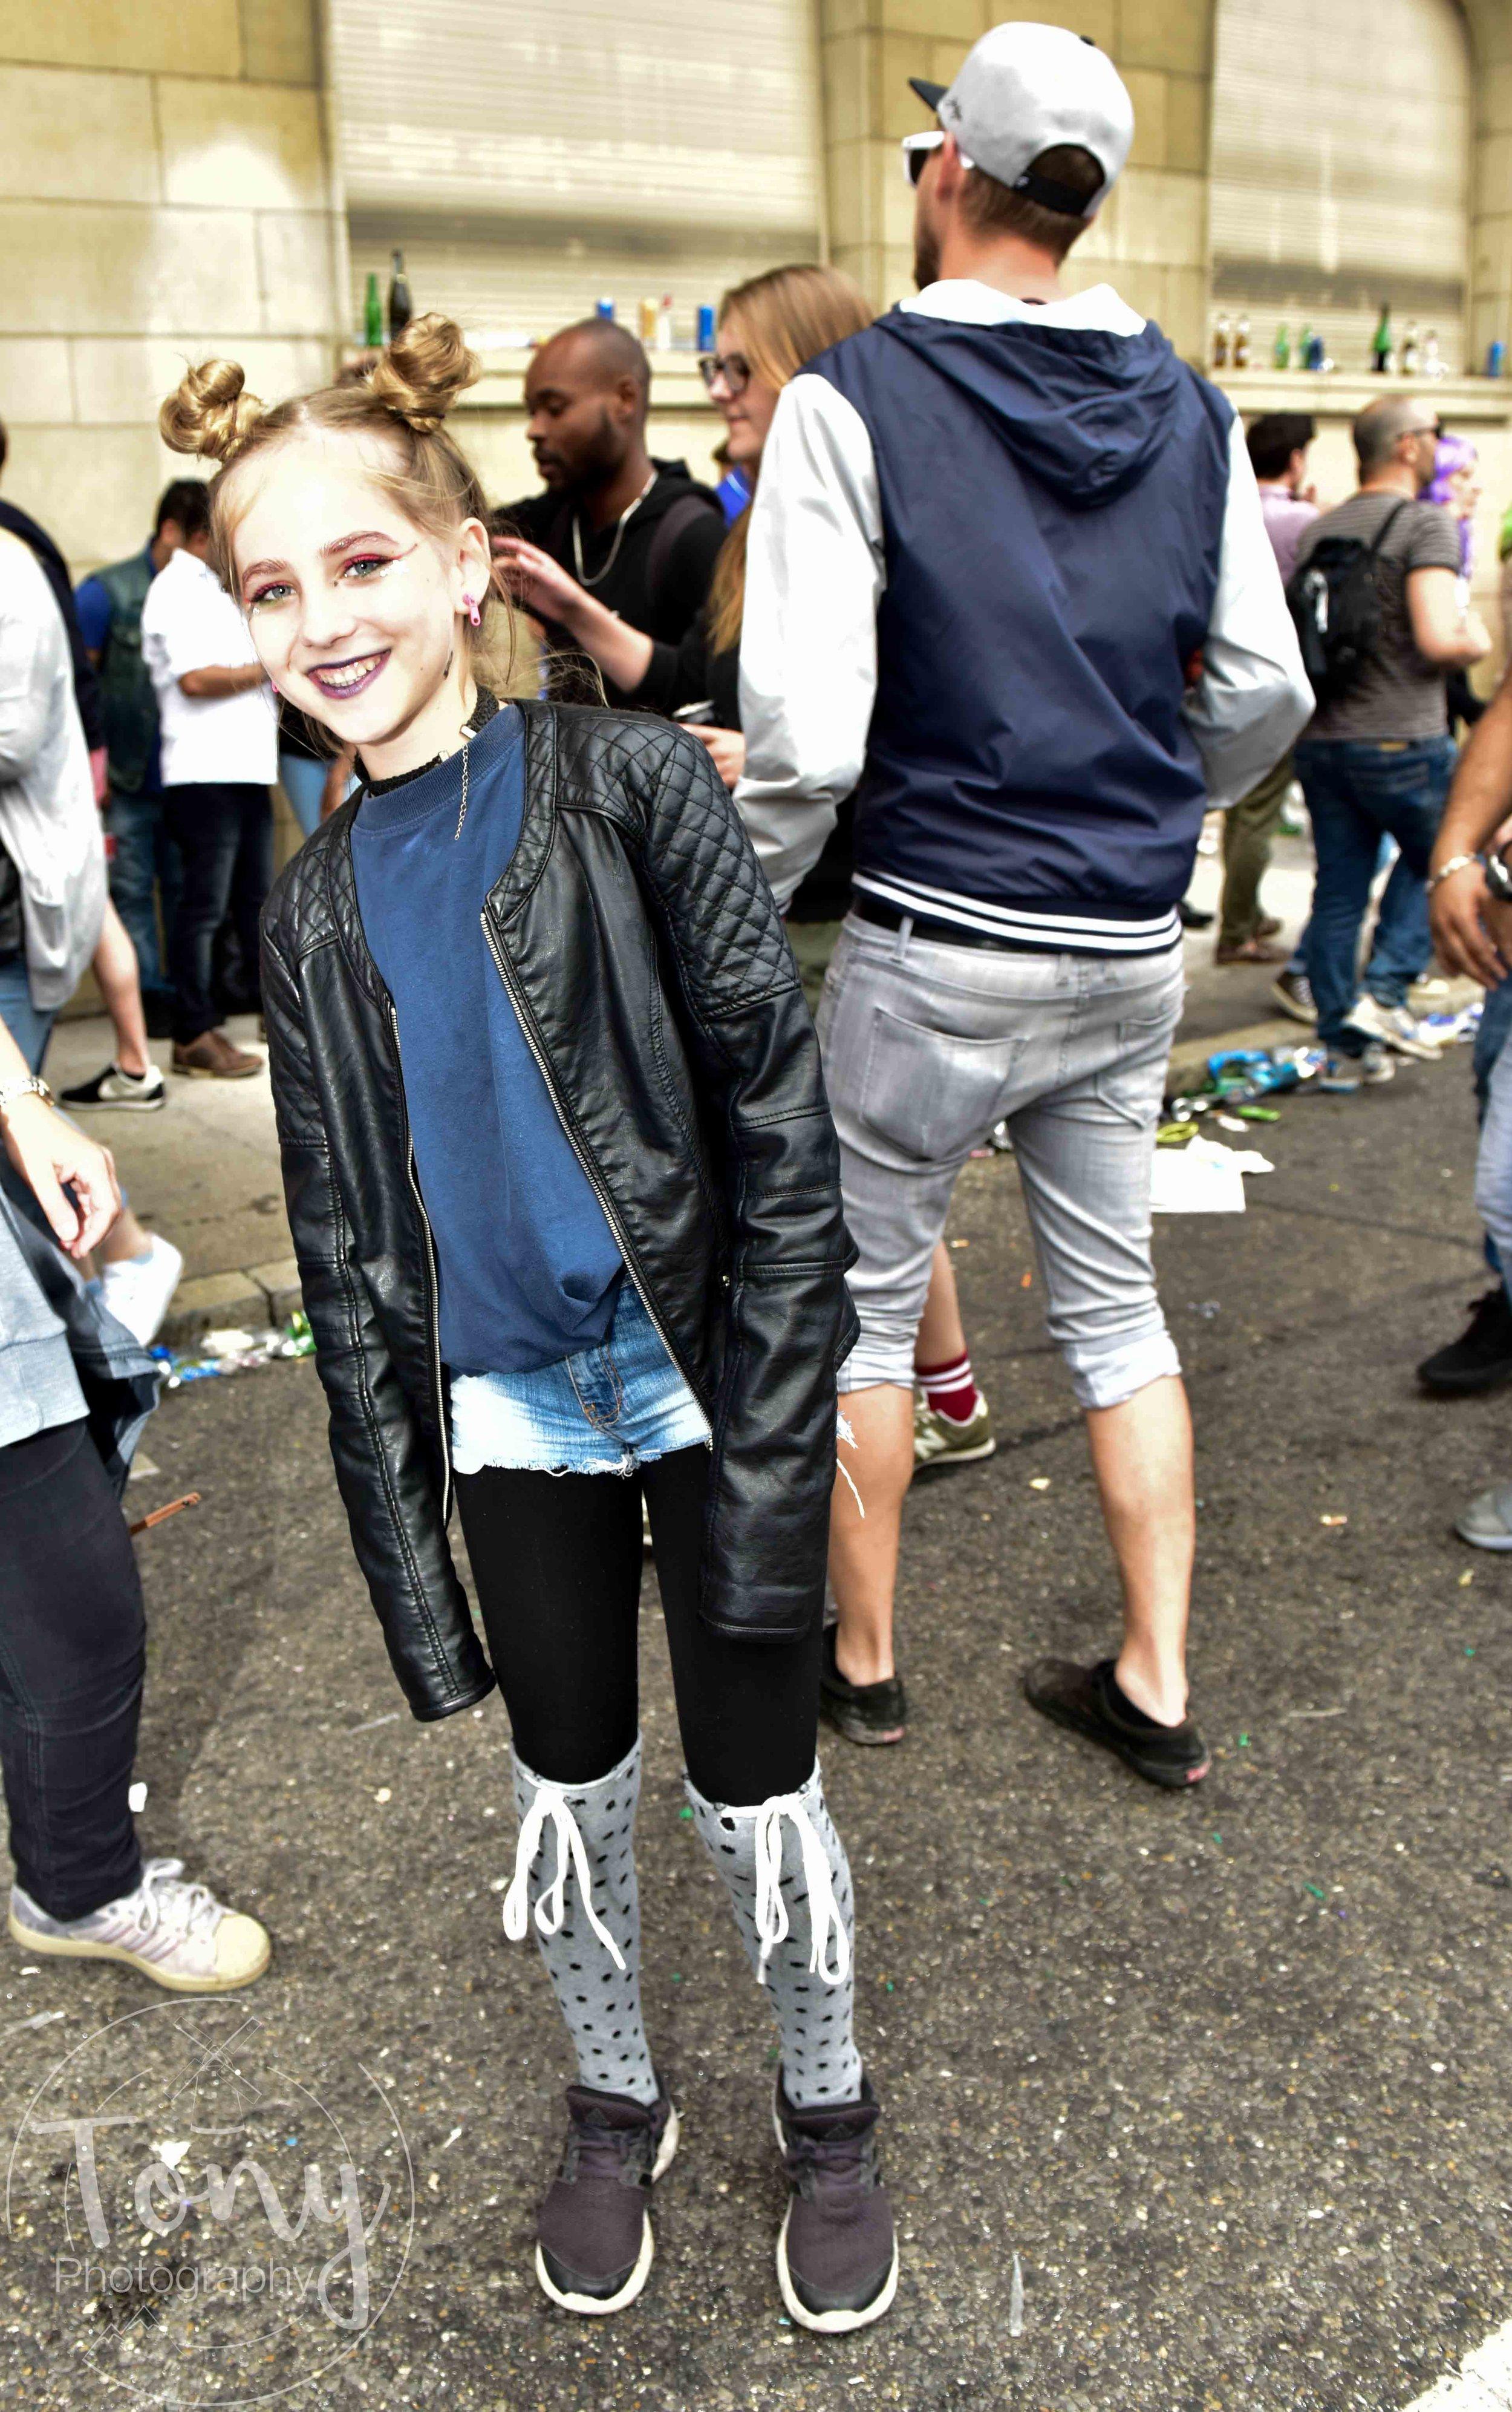 streetparade-226.jpg